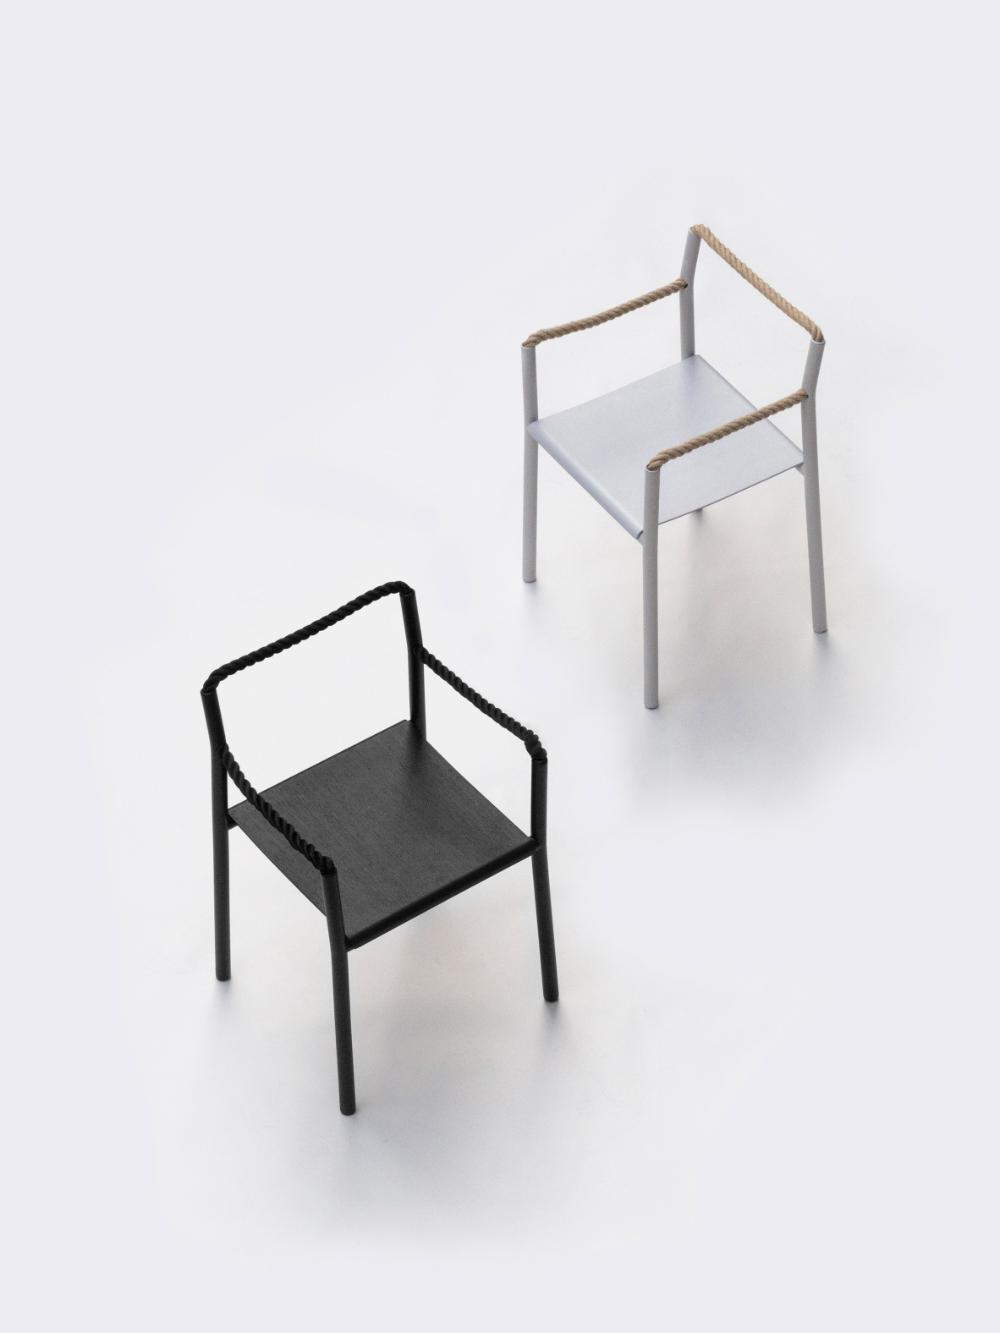 Les Freres Bouroullec Creent Une Chaise En Corde A L Aide D Un Seul Morceau De Cordon Continu In 2020 Rope Chair Chair Minimalist Chair